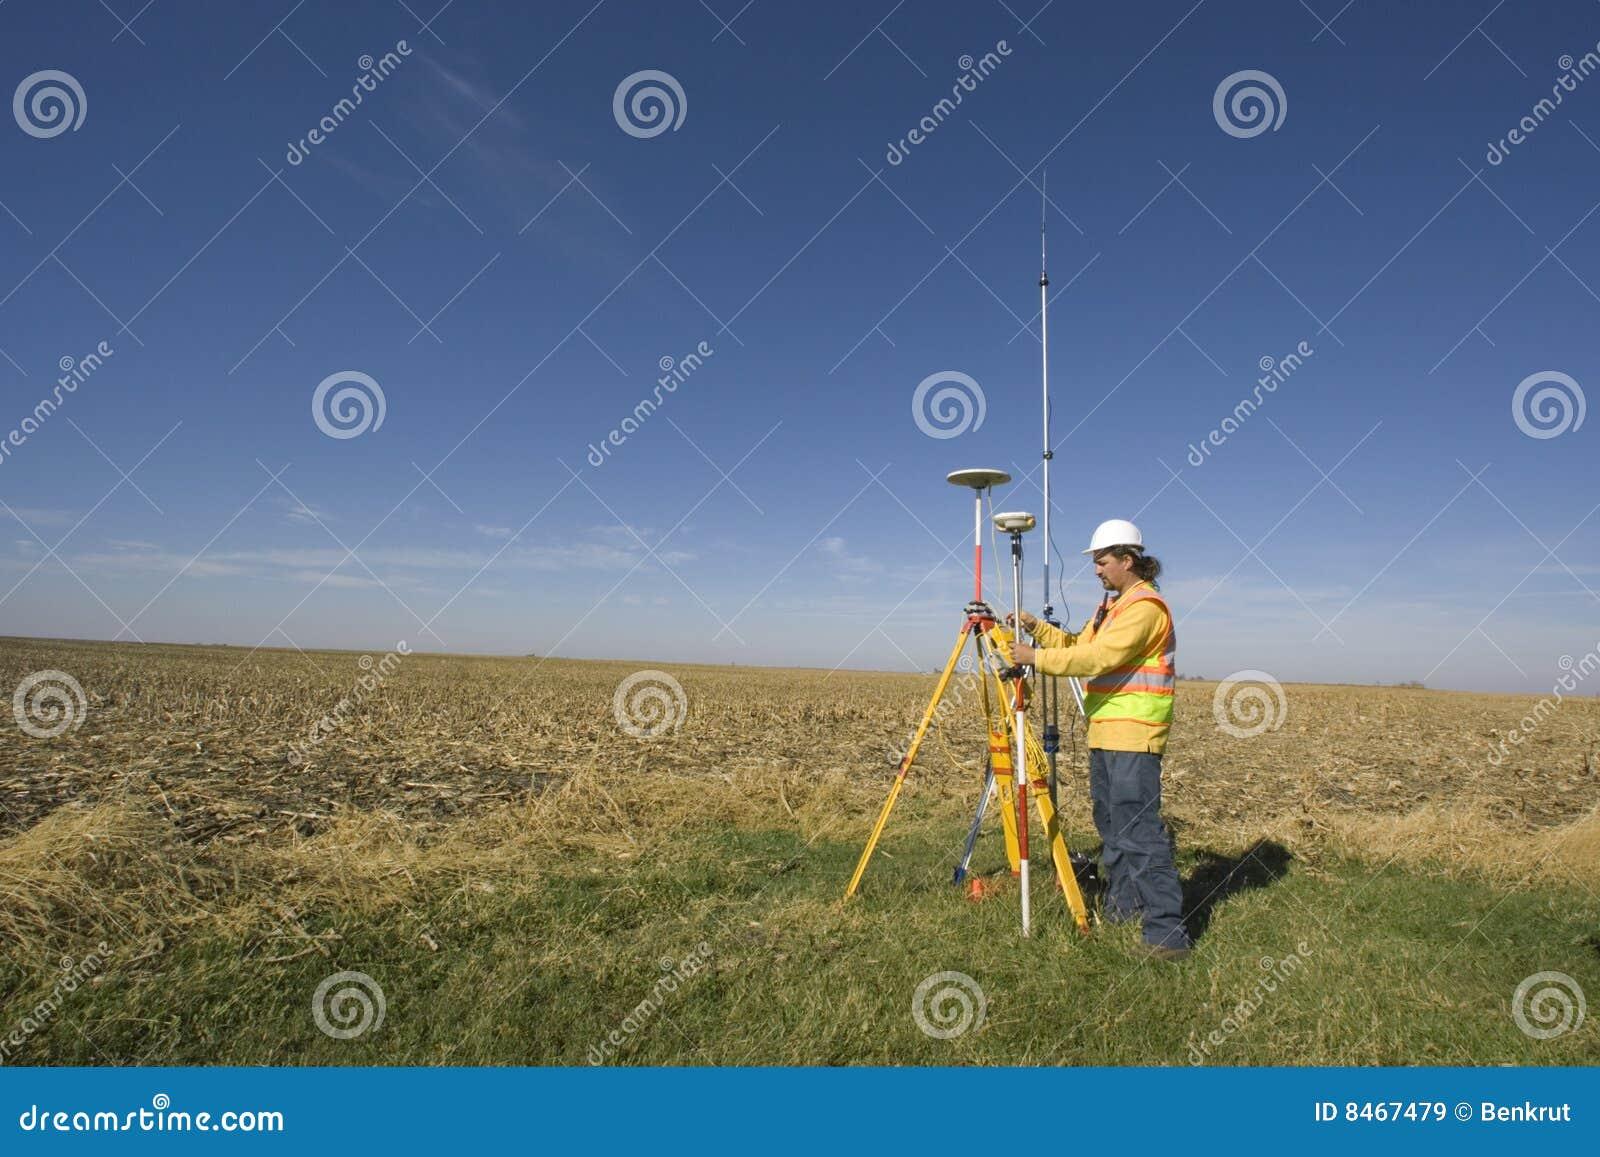 GPS survey stock image  Image of cartographer, surveying - 8467479